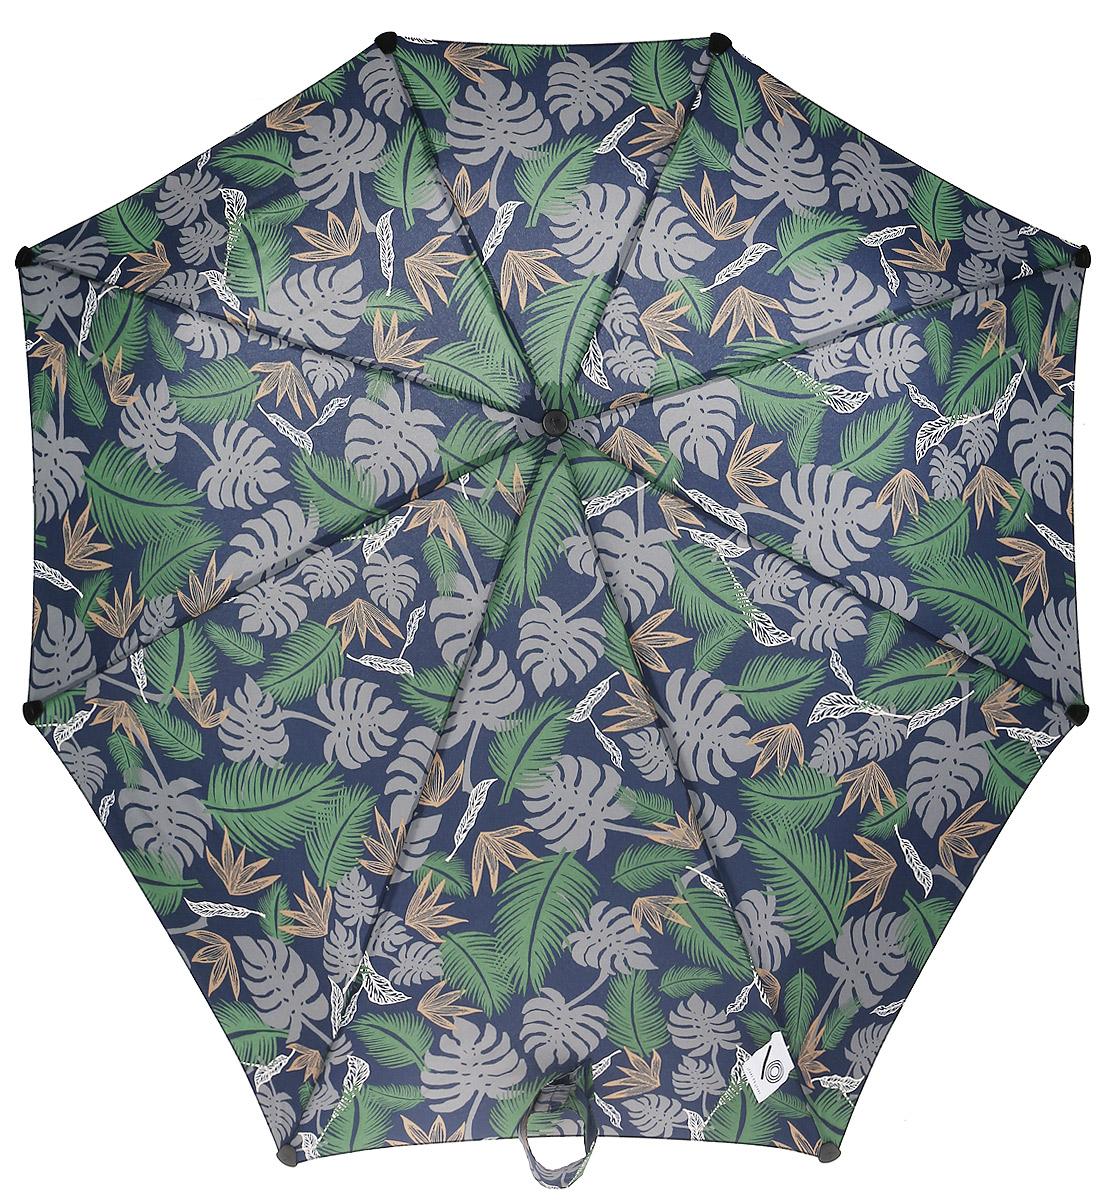 Зонт-автомат Senz, цвет: синий, зеленый. 10240151024015Инновационный противоштормовый зонт, выдерживающий любую непогоду. Входит в коллекцию senz6, разработанную совместно со знаменитыми дизайнерами фэшн-индустрии и отвечающую новейшим веяниям моды. Форма купола продумана так, что вы легко найдете самое удобное положение на ветру – без паники и без борьбы со стихией. Закрывает спину от дождя. Благодаря своей усовершенствованной конструкции, зонт не выворачивается наизнанку даже при сильном ветре. Характеристики: - тип — автомат - три сложения - выдерживает порывы ветра до 80 км/ч - УФ-защита 50+ - эргономичная ручка - безопасные колпачки на кончиках спиц - в комплекте чехол с фирменным принтом - гарантия 2 года Размер купола - 91 х 91 см., длина в сложенном виде - 28 см., в раскрытом - 57 см. Весит 360 г.